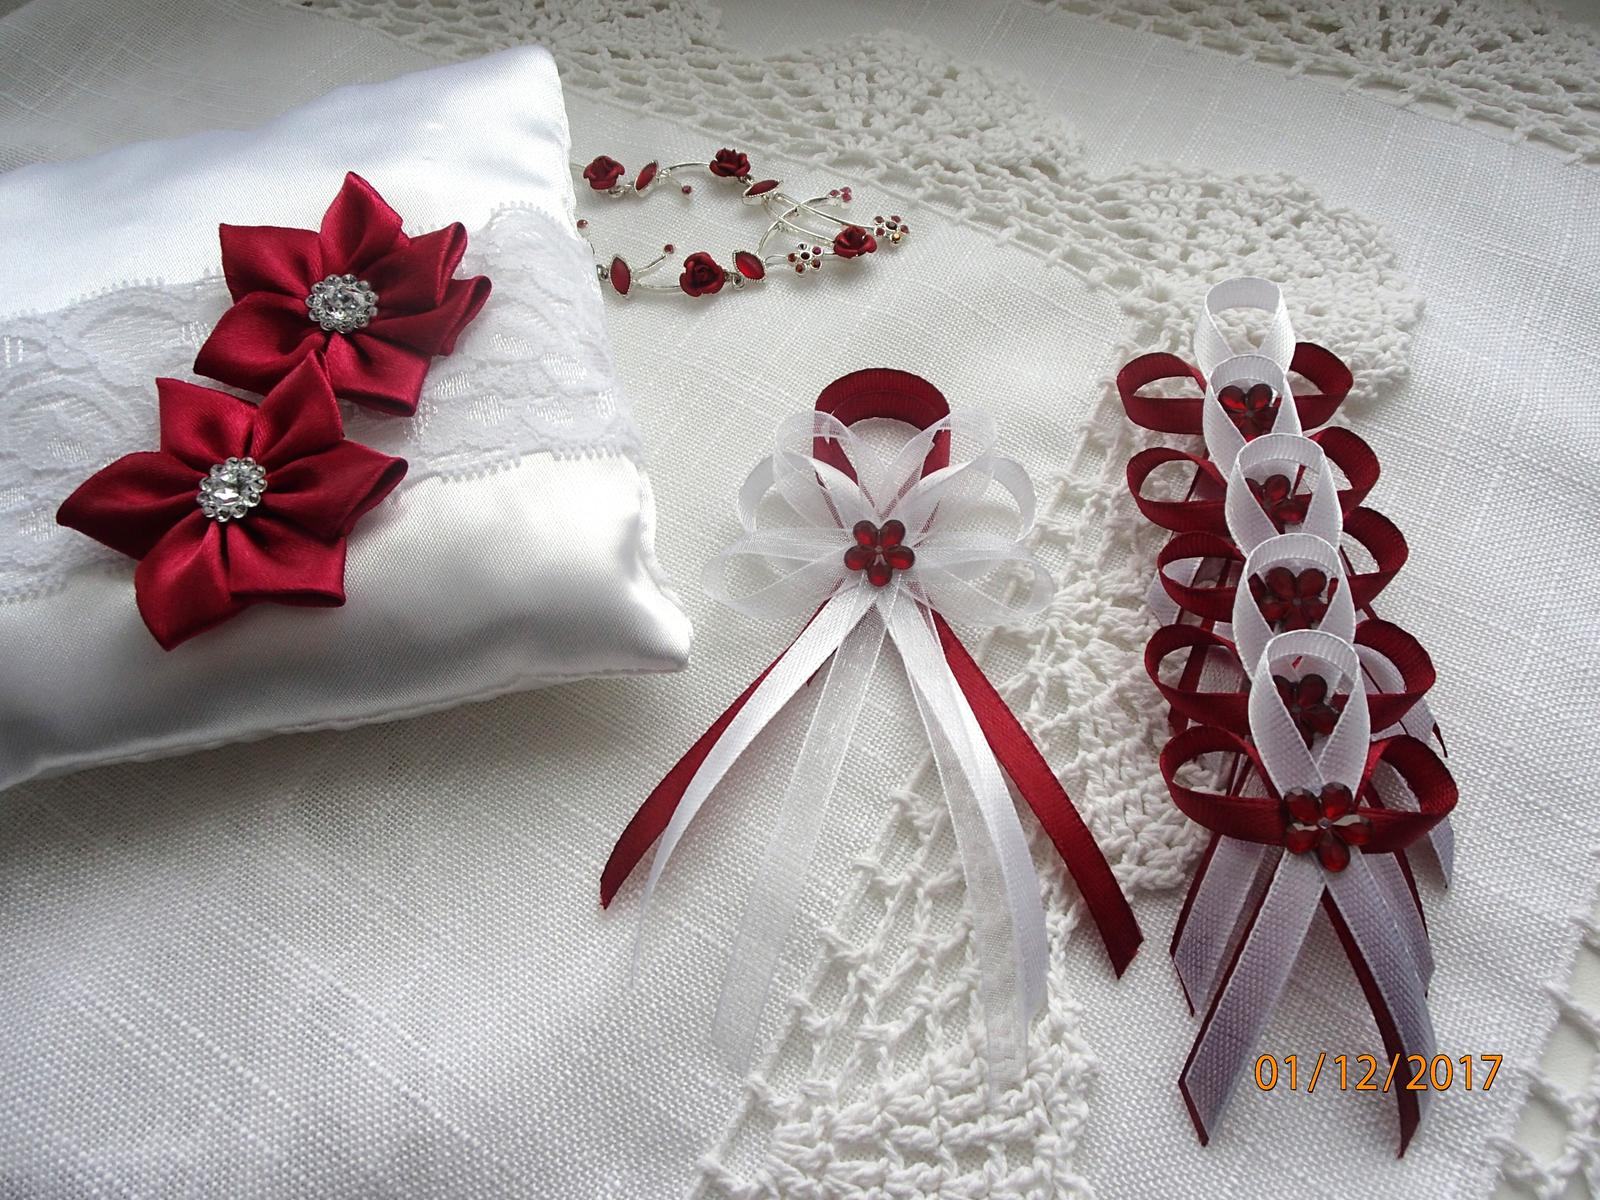 Svatební vývazky, podvazky, polštářky, náramky... - Obrázek č. 65